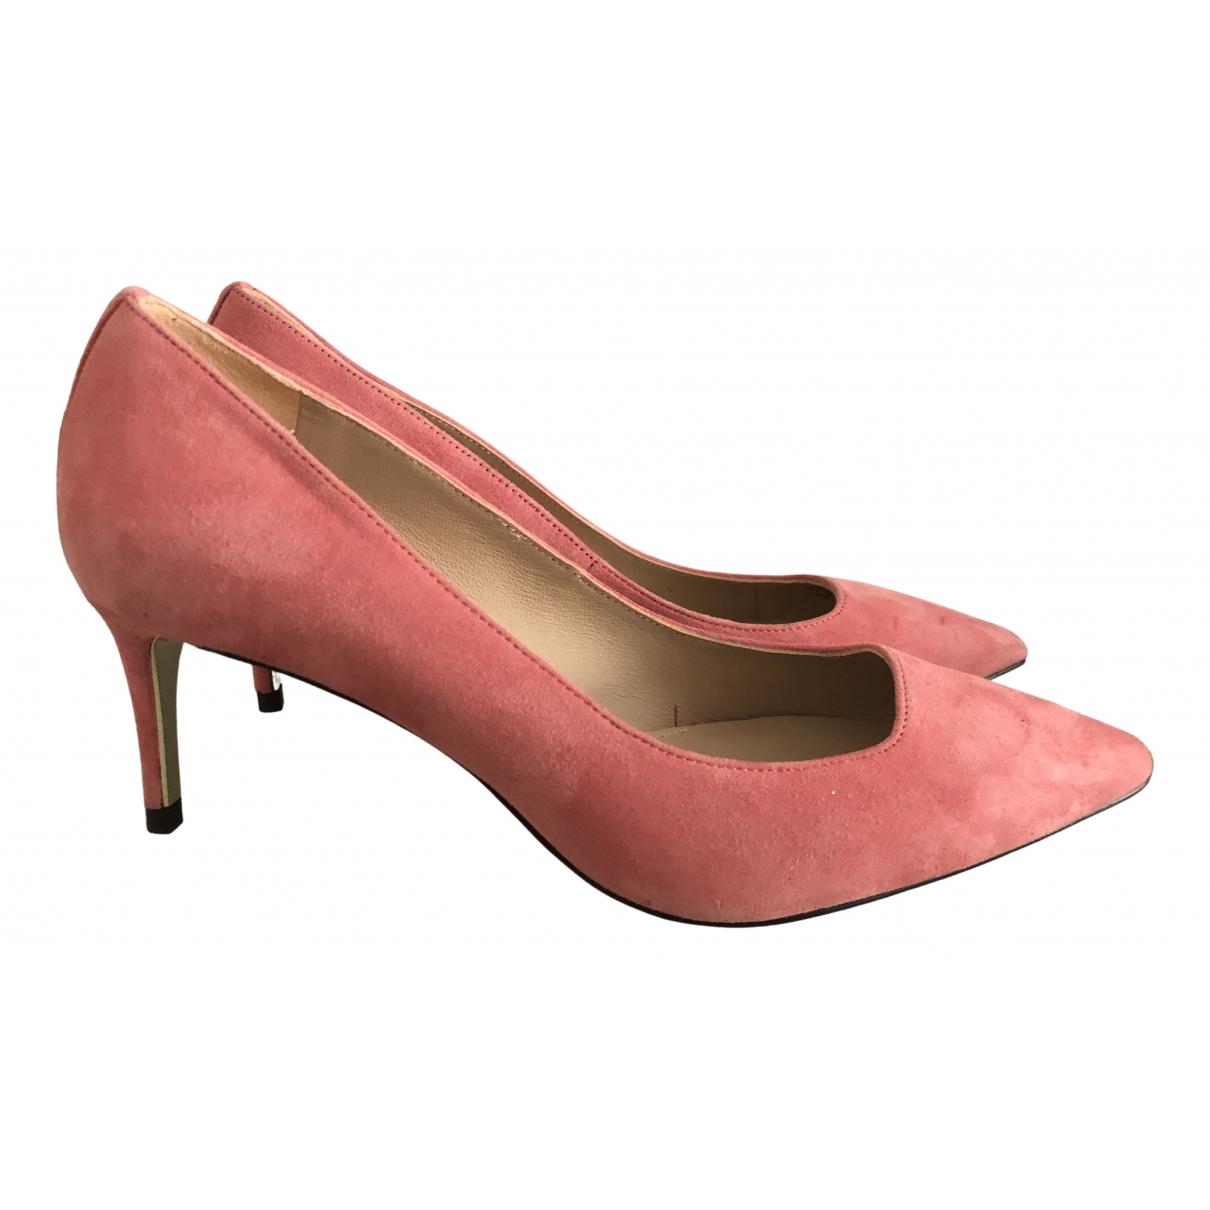 Massimo Dutti - Escarpins   pour femme en suede - rose